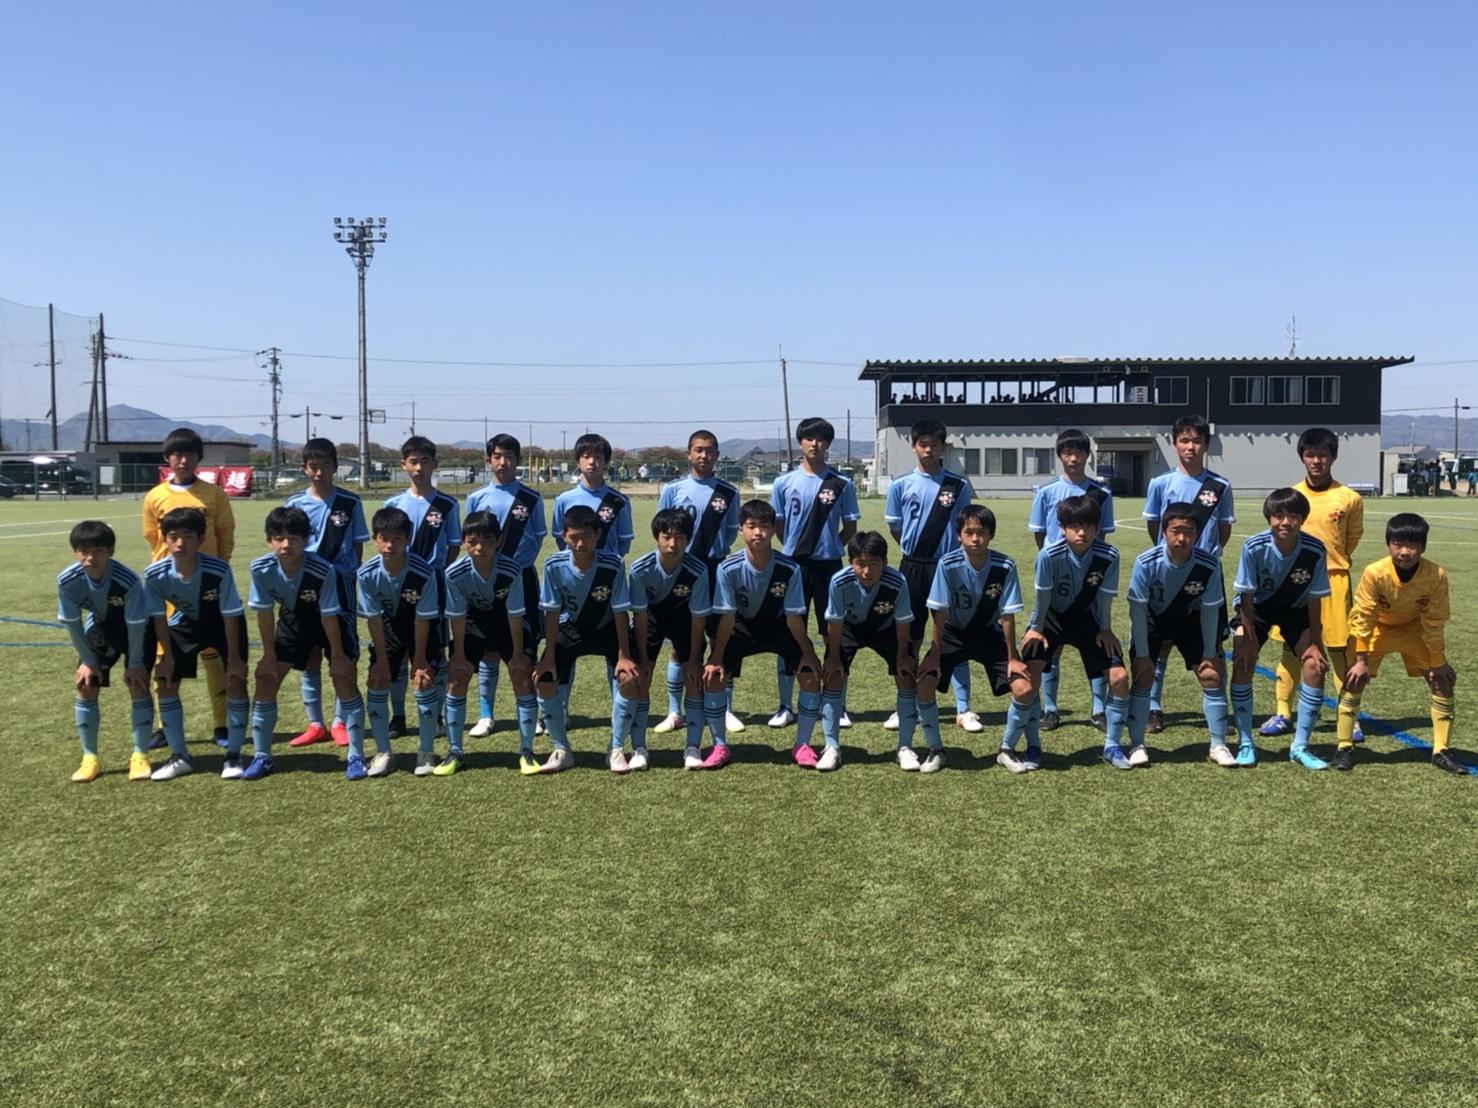 第36回 日本クラブユースサッカー選手権(U-15)大会 奈良県大会